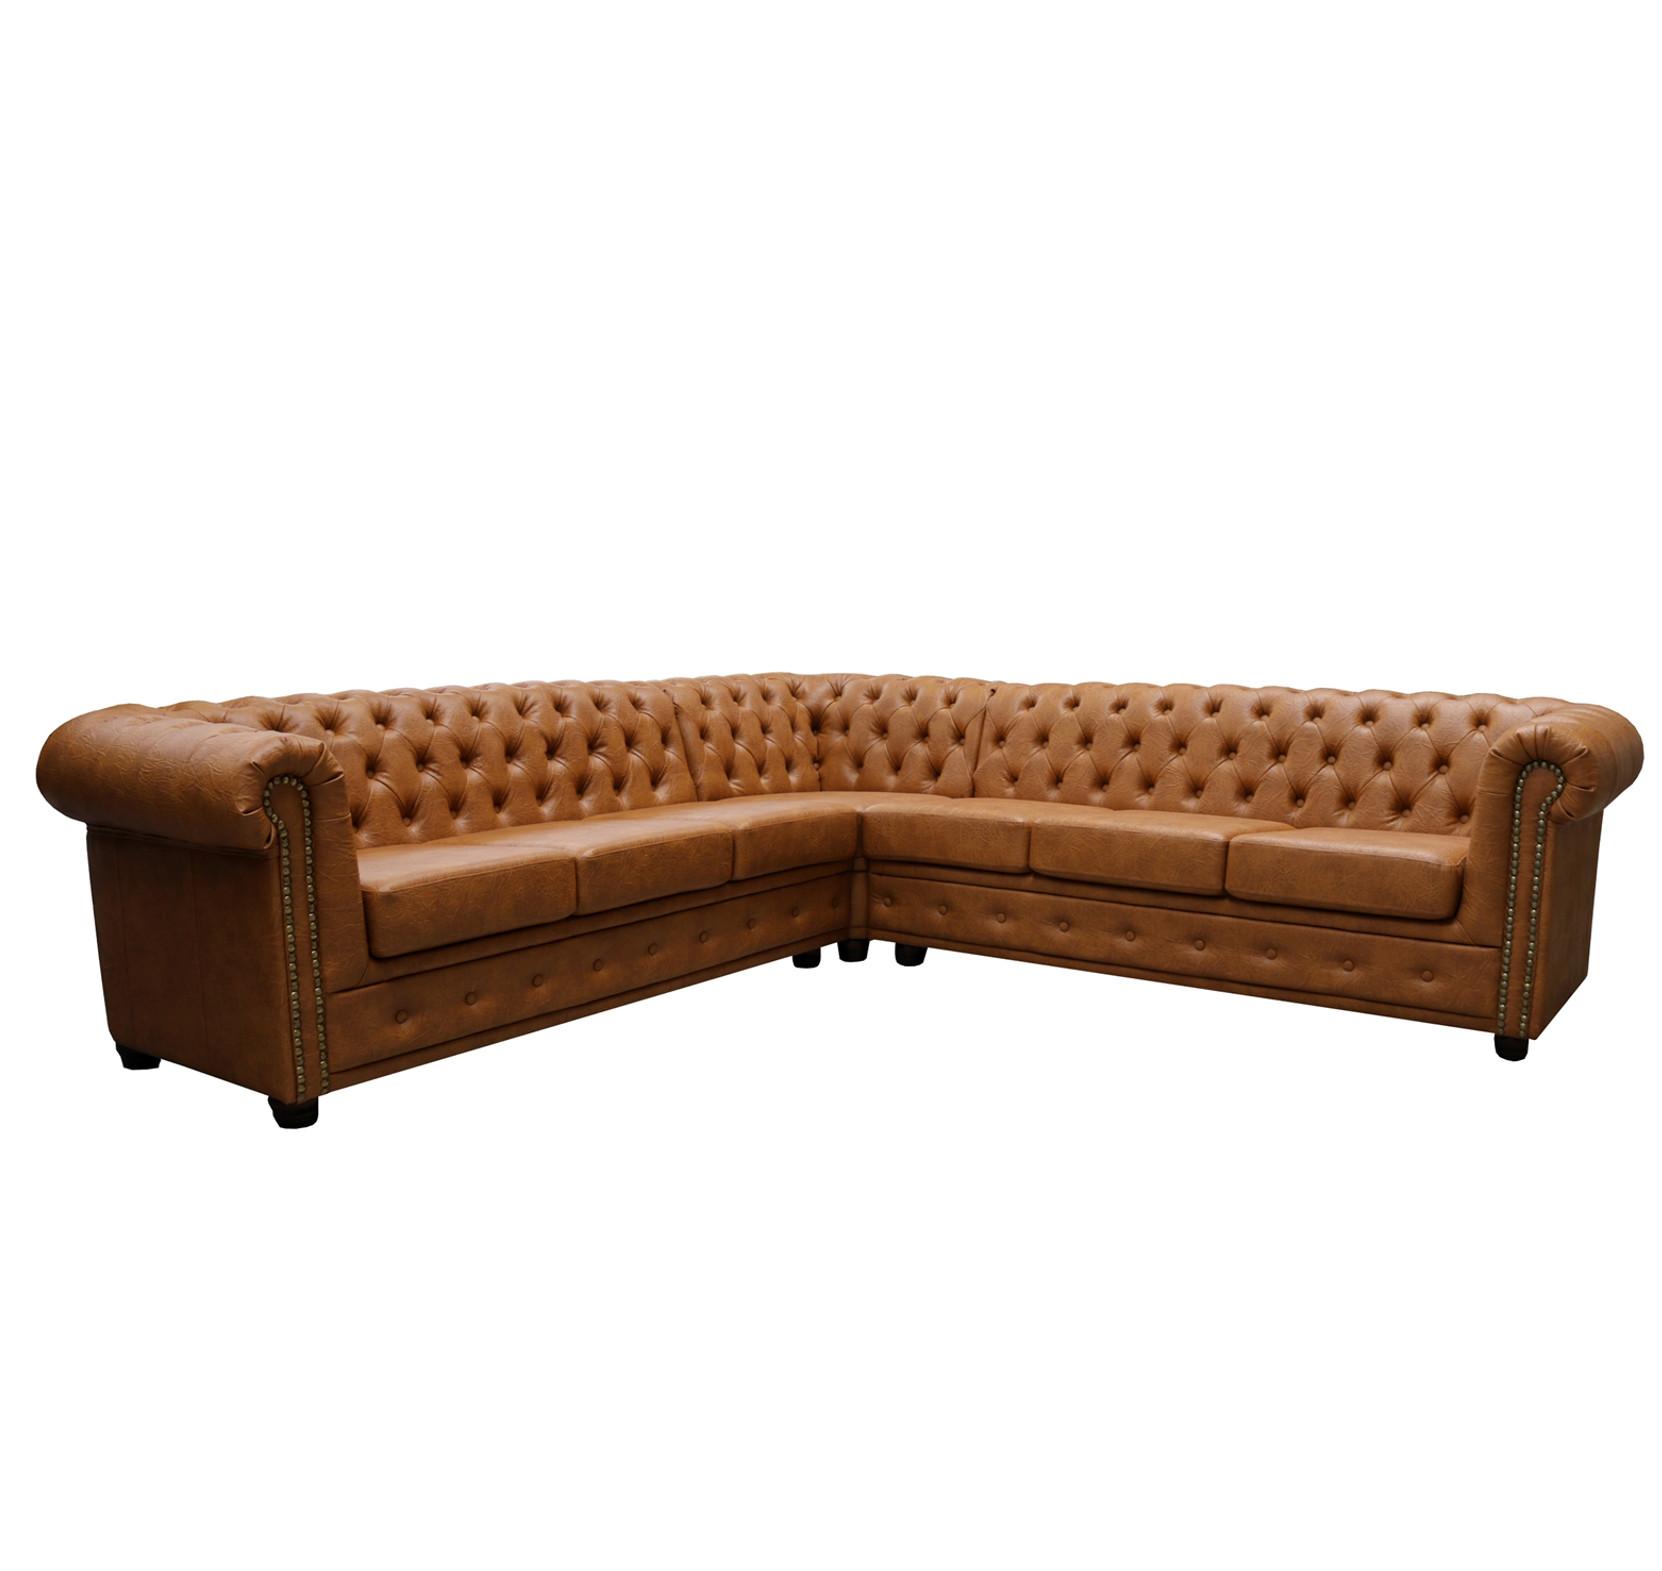 3-Sitzer mit Armlehne links | Ecke | 3-Sitzer mit Armlehne rechts (262 x 262 cm)